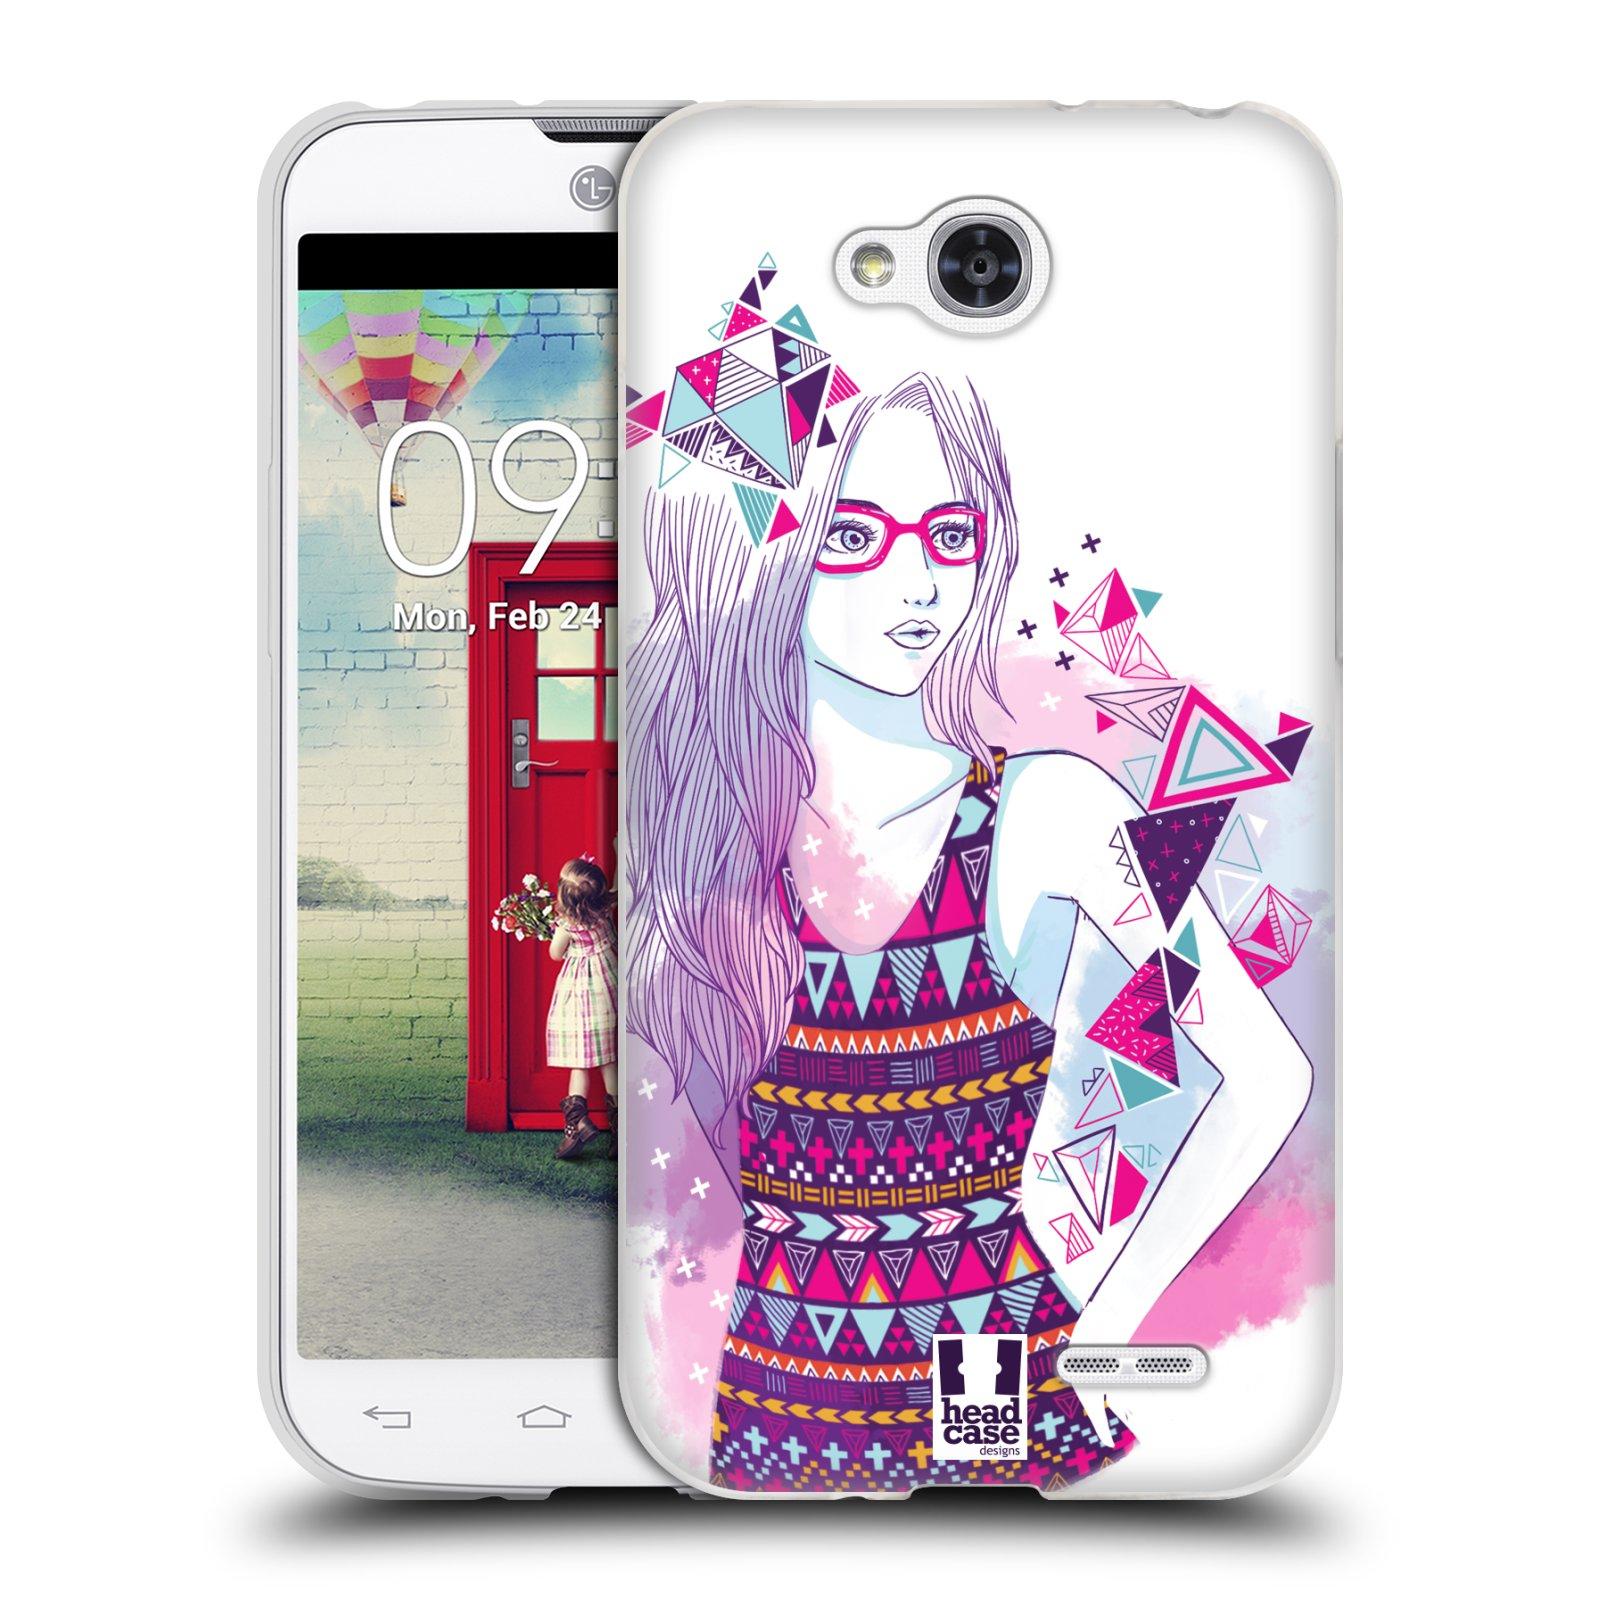 Silikonové pouzdro na mobil LG L90 HEAD CASE AZTEC HOLKA (Silikonový kryt či obal na mobilní telefon LG L90 D405n)